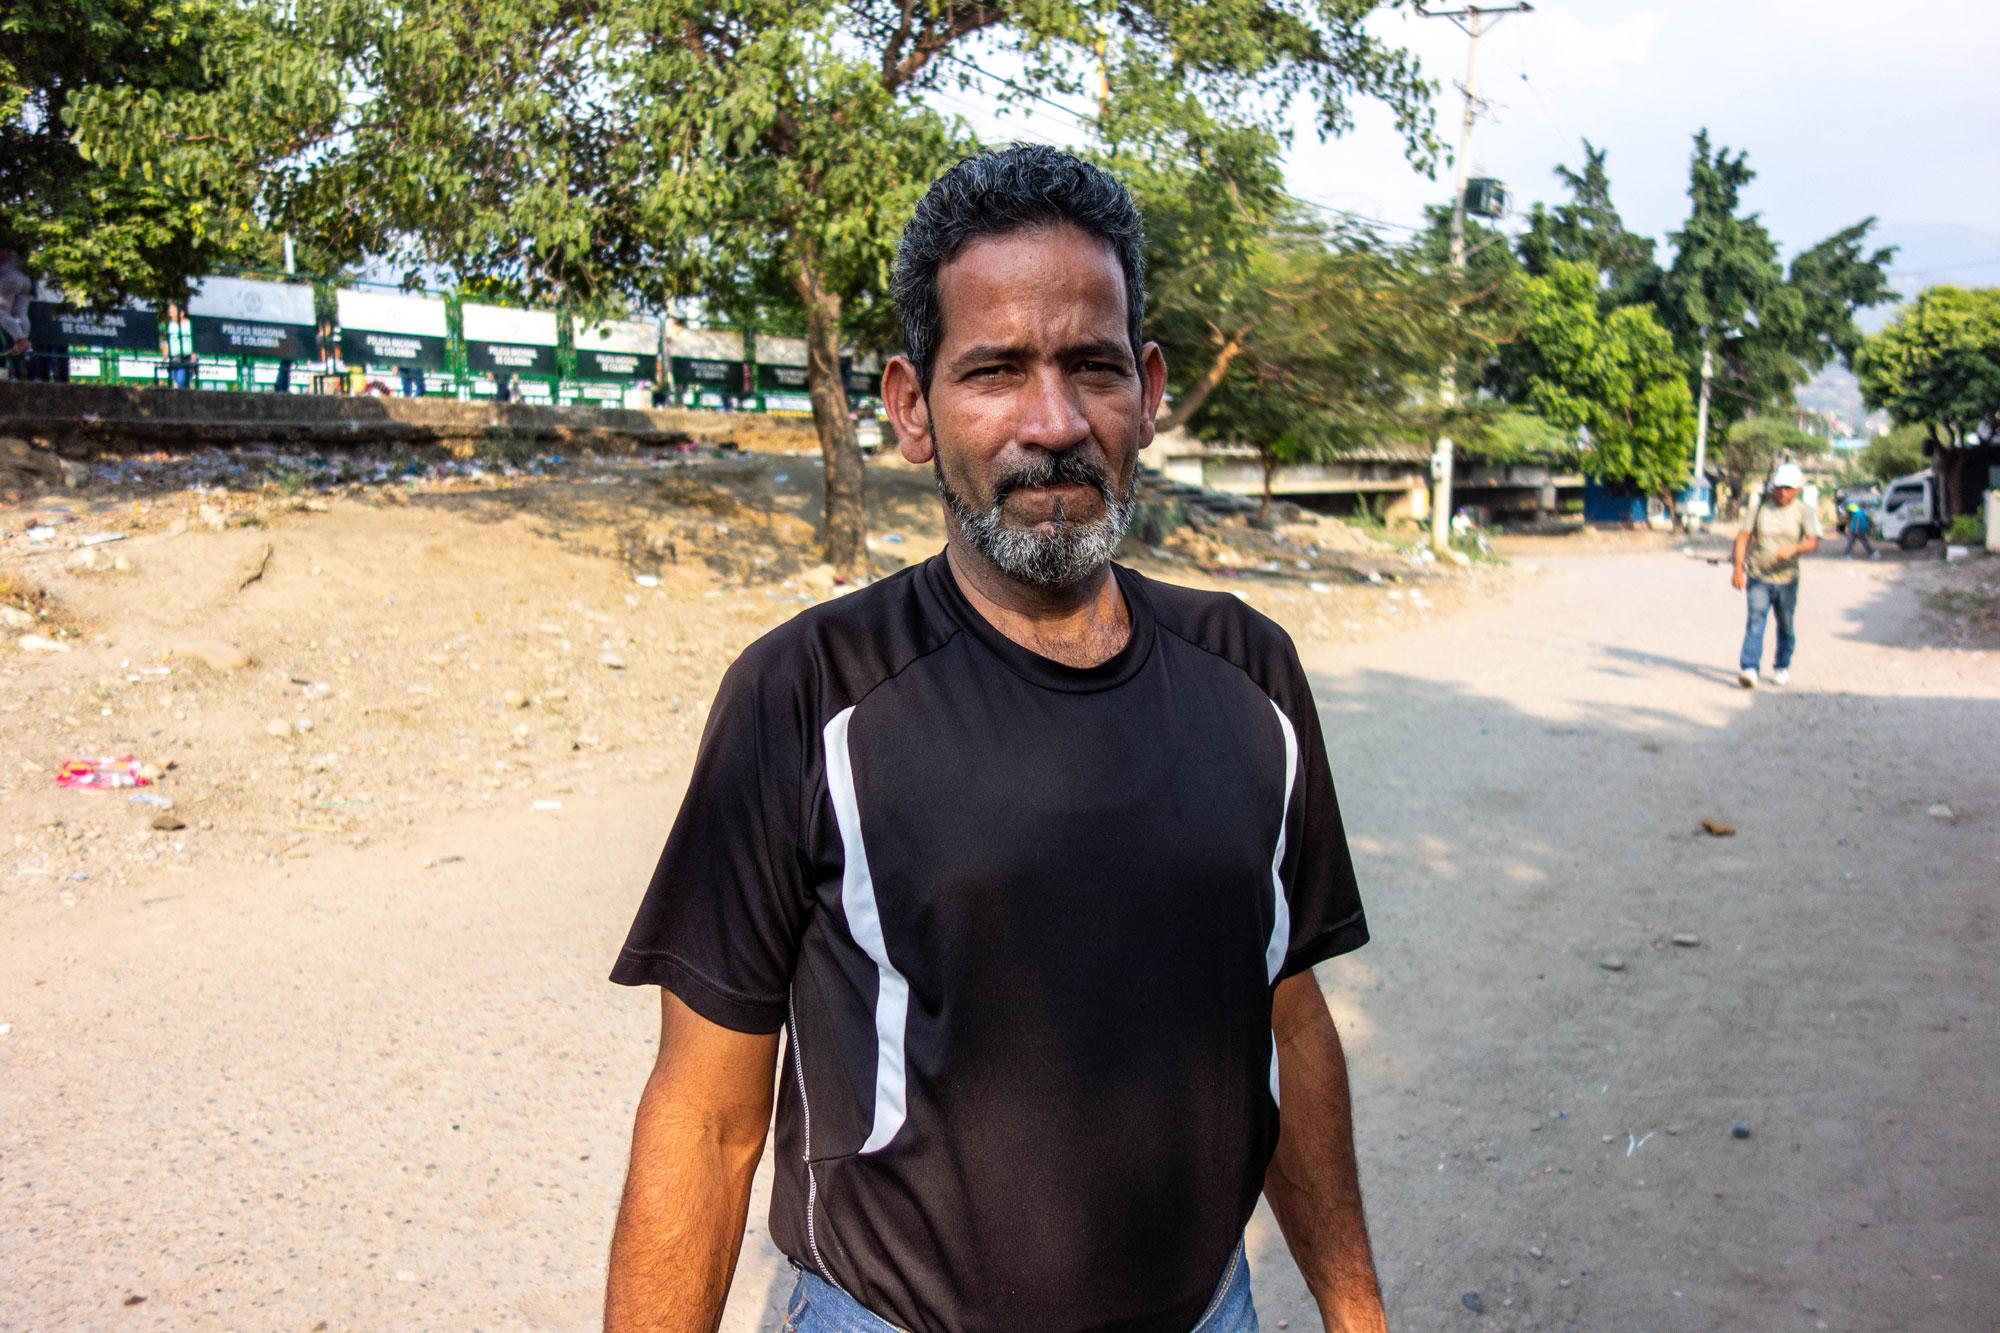 An older man wears a black shirt.